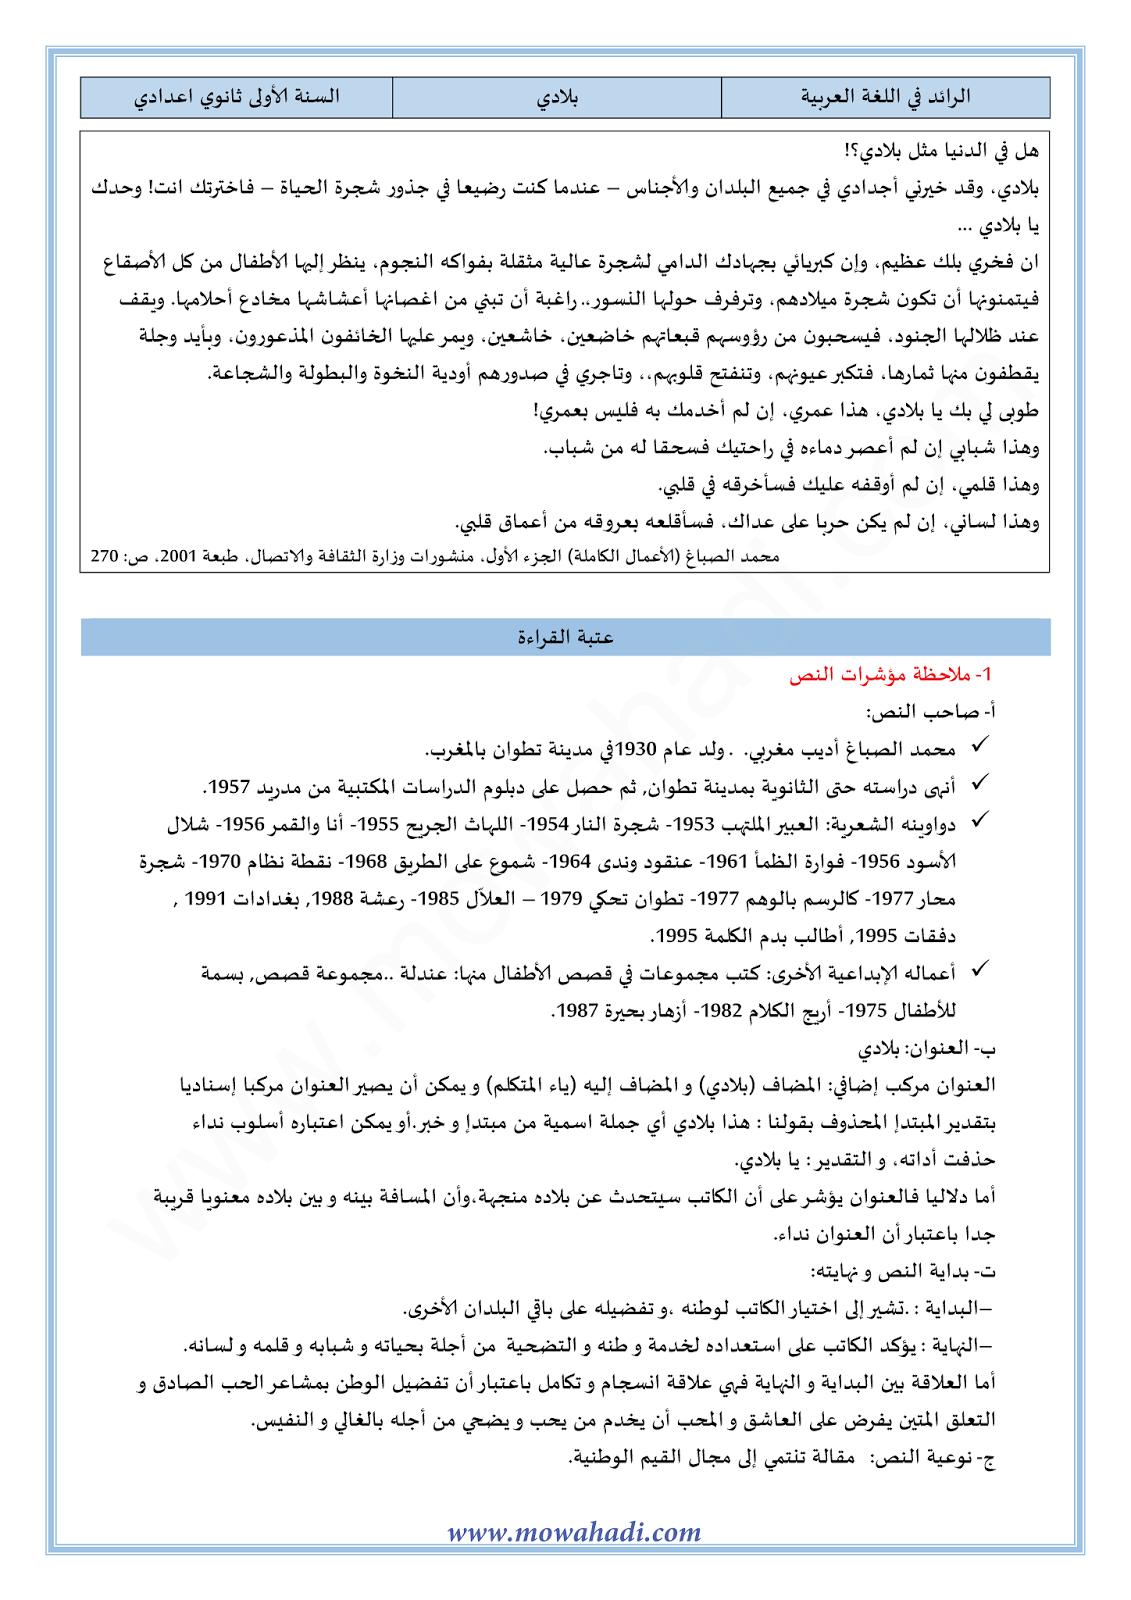 بـــــــــلادي